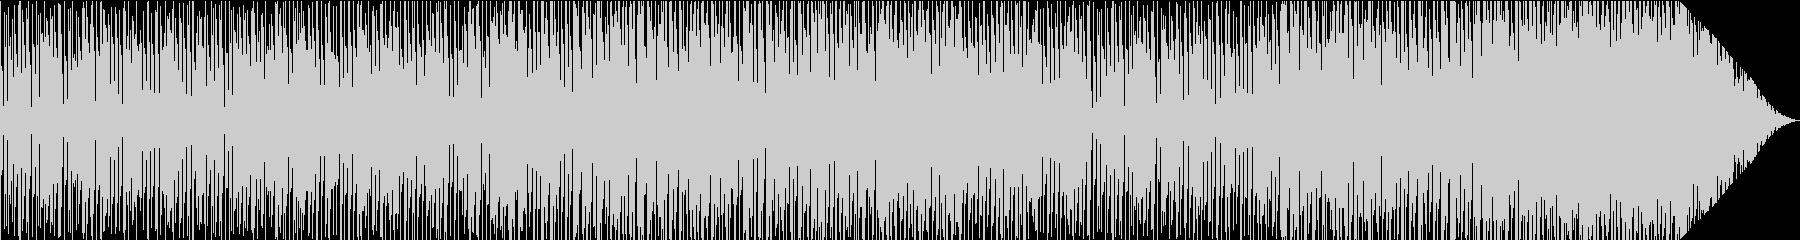 弾むテンポ感とシンセブラスのBGMの未再生の波形